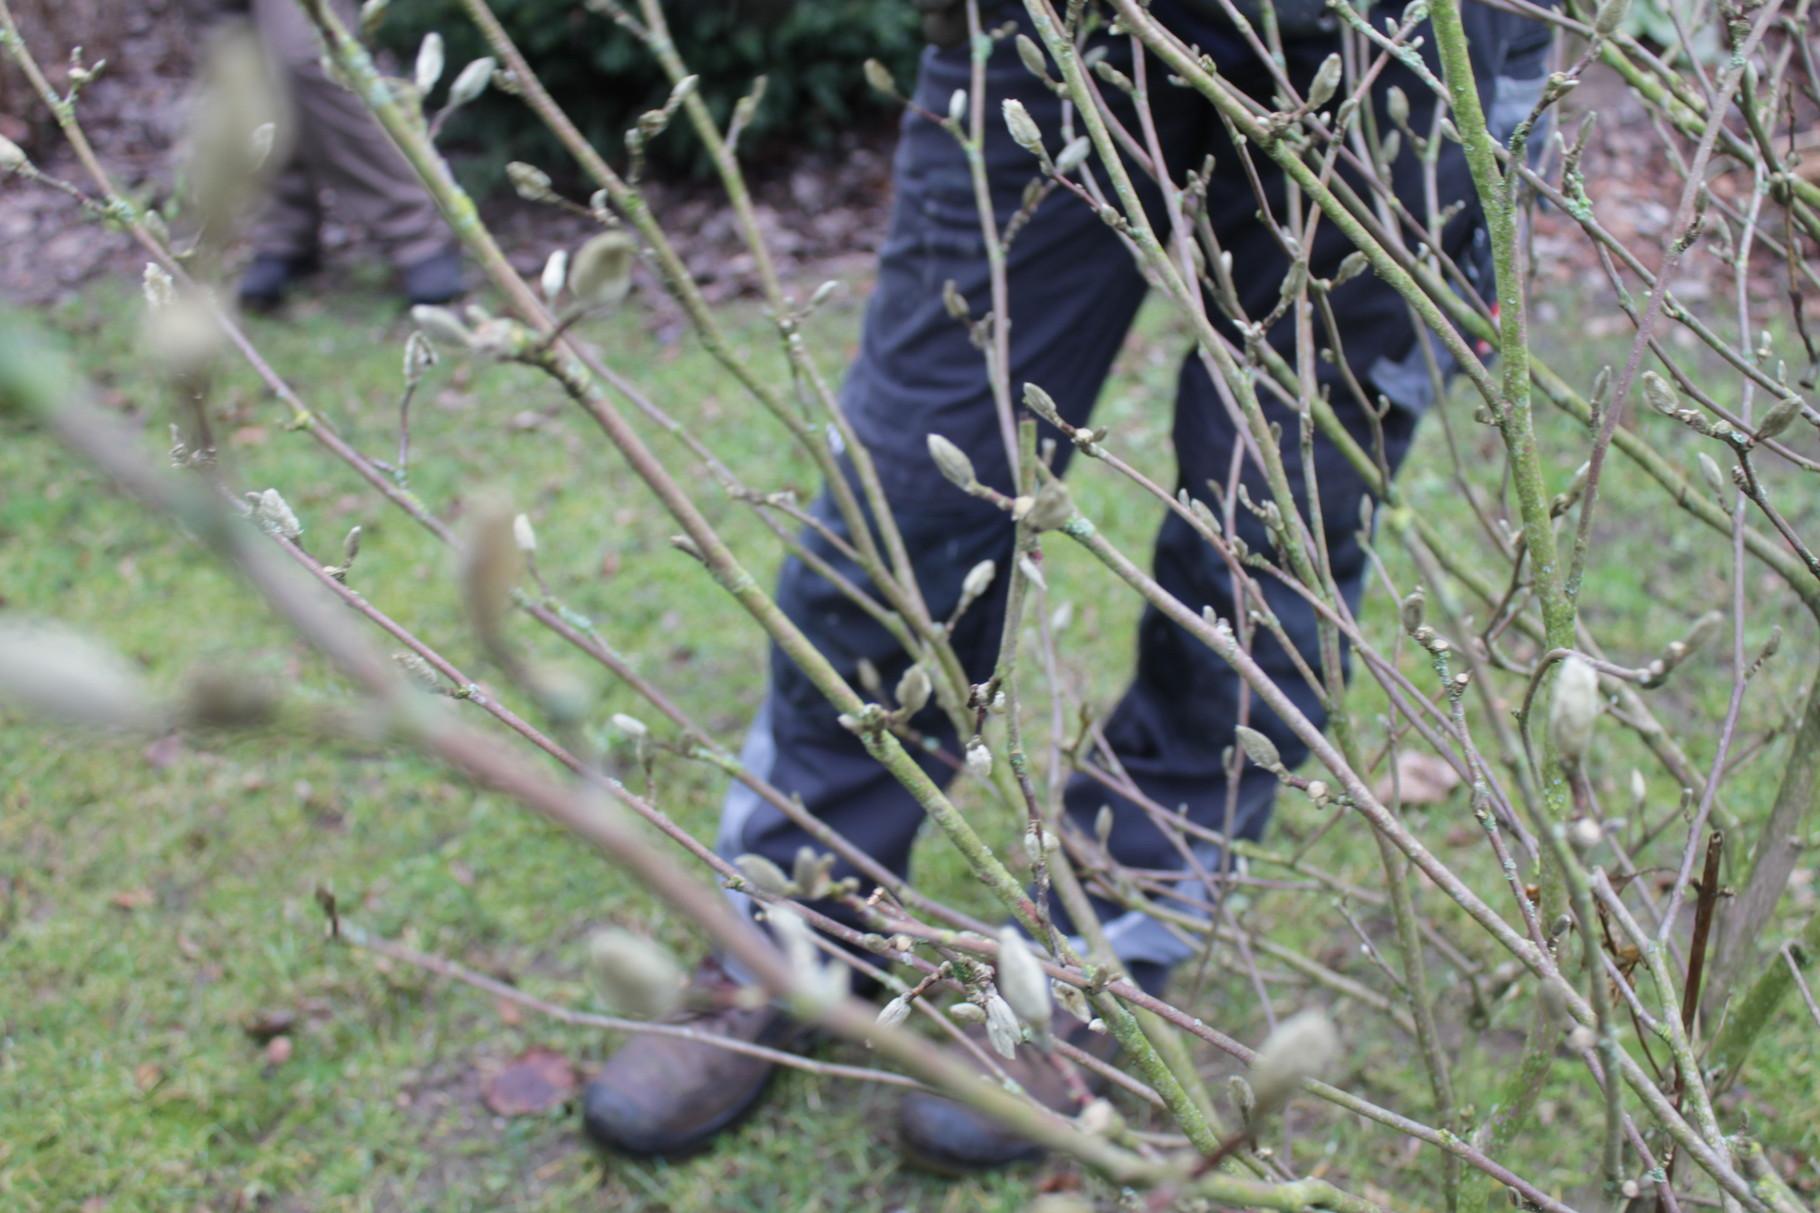 Magnolien schneiden. Aber bitte nur gezielt, am Boden oder Äste, die nach Innen wachsen.